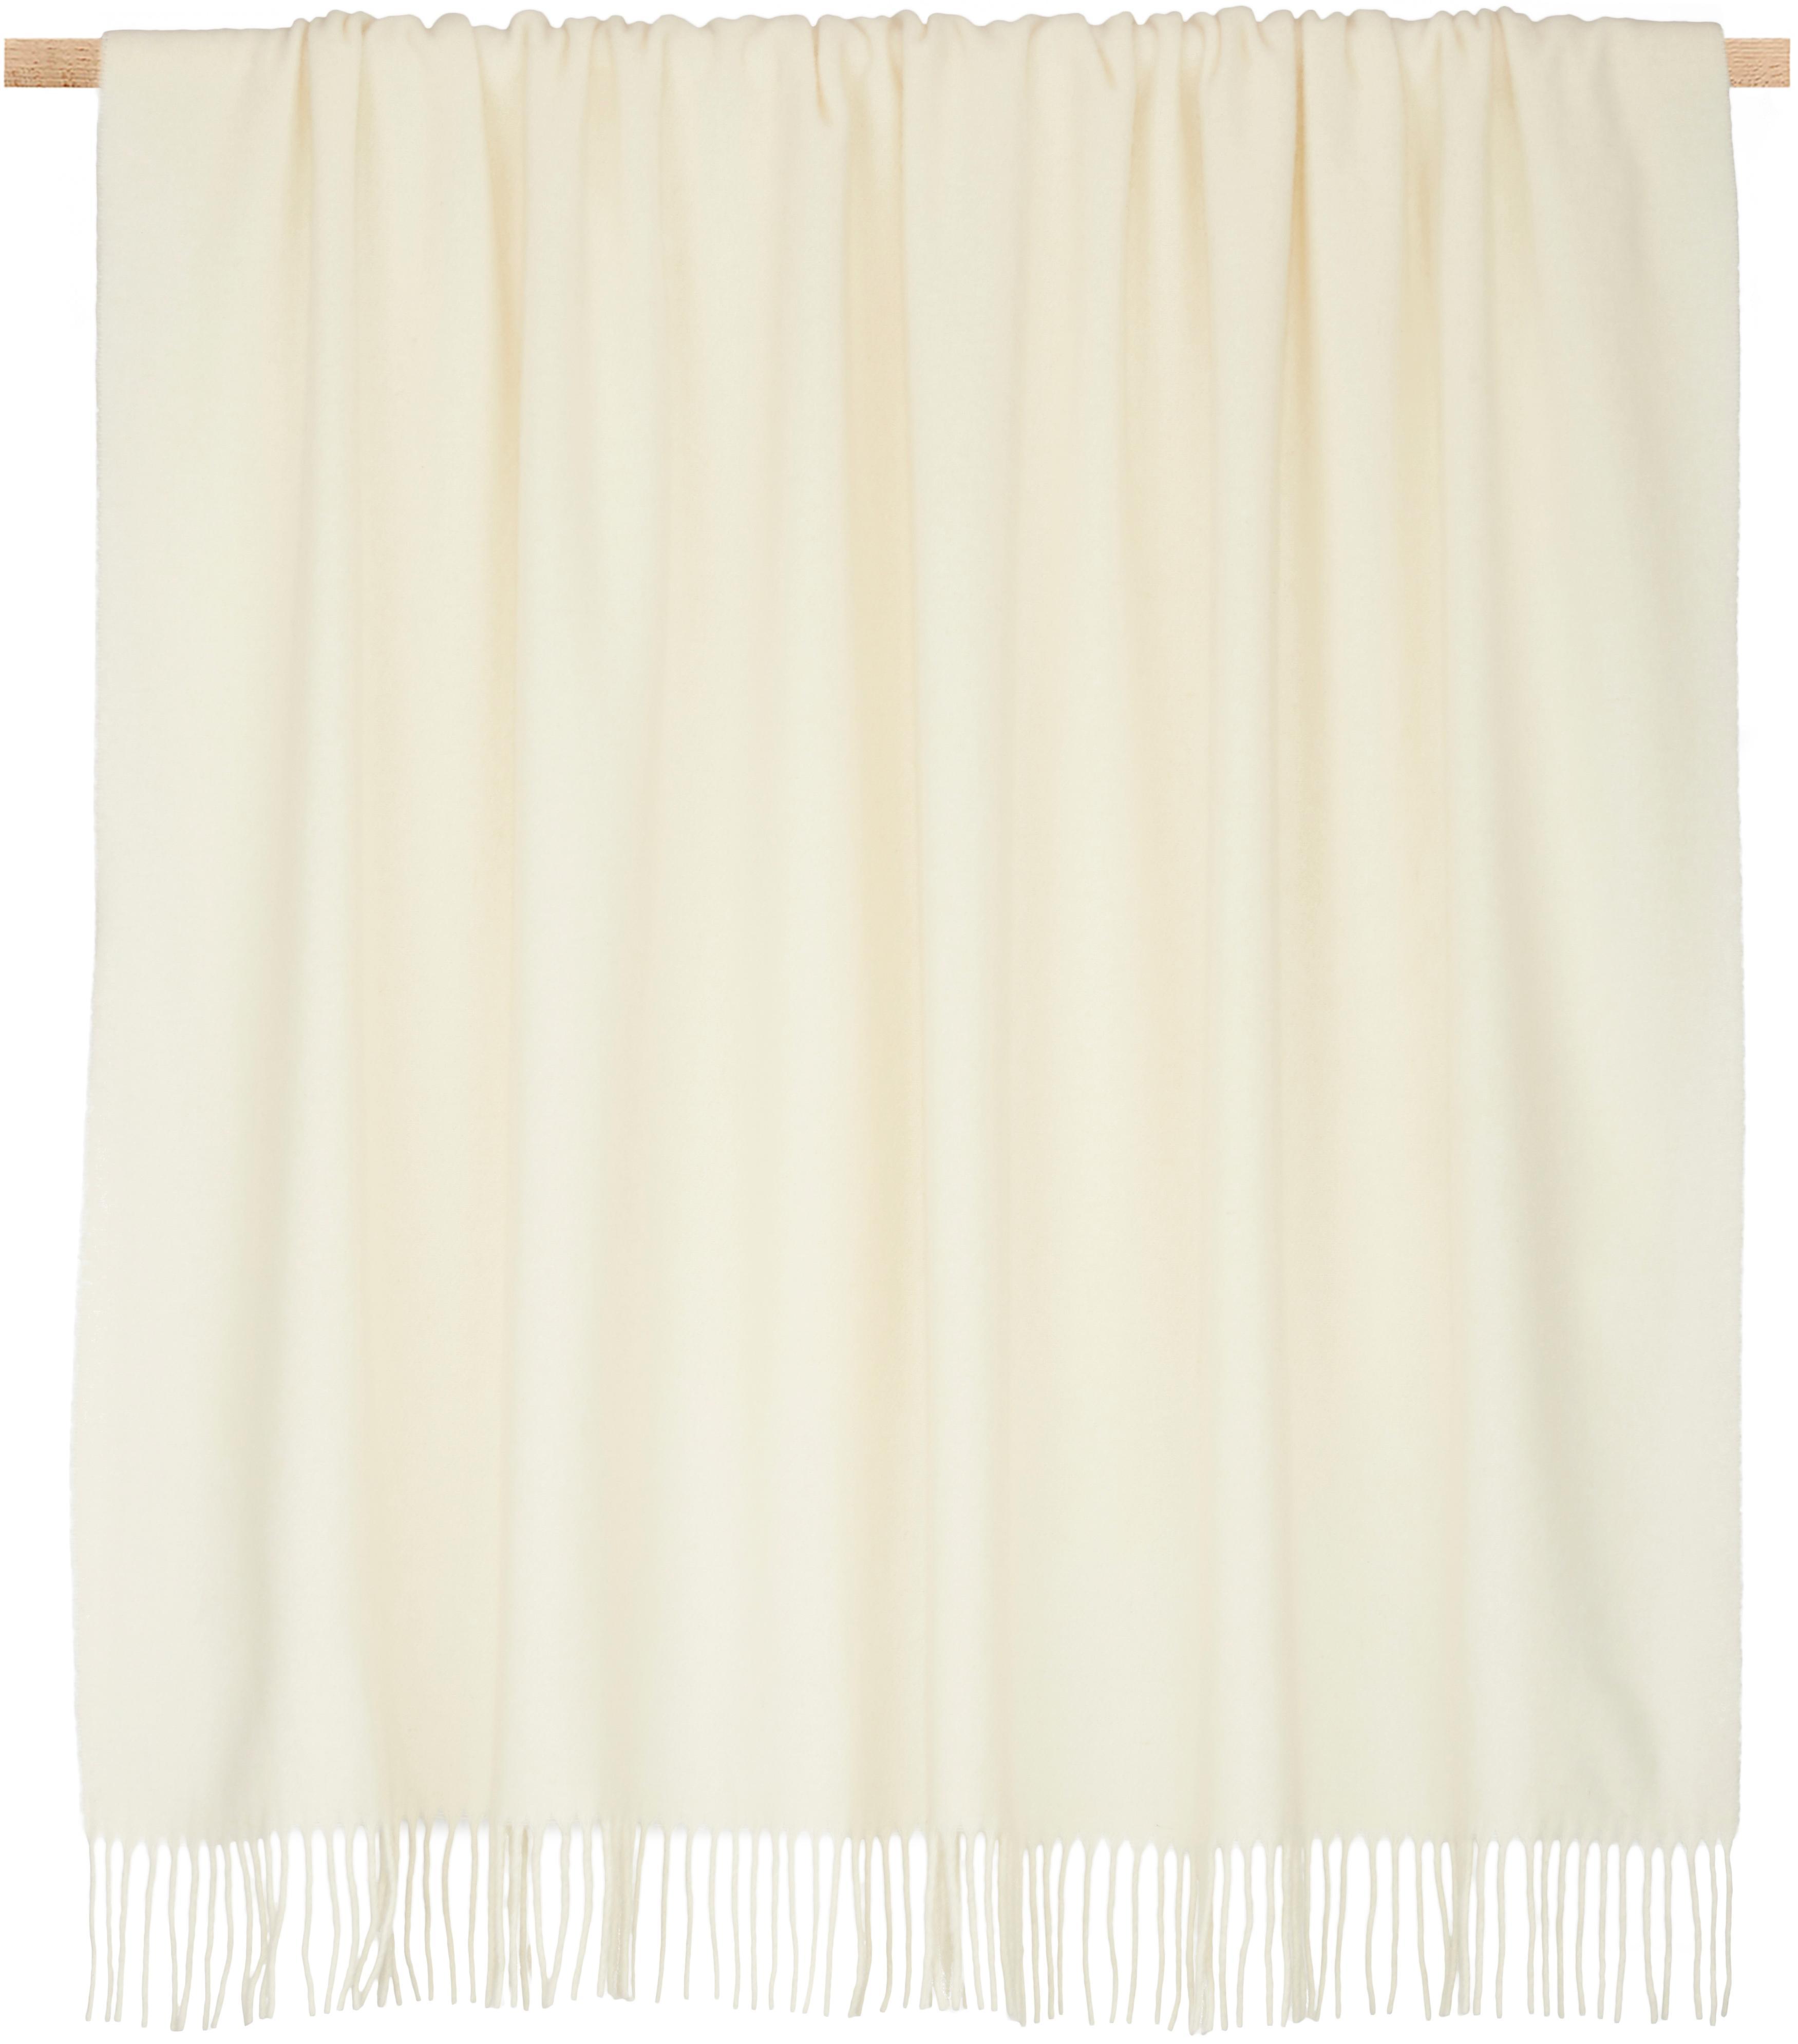 Leichtes Wollplaid Patriciu mit Fransenabschluss, 100% Wolle, Ecru, 130 x 170 cm